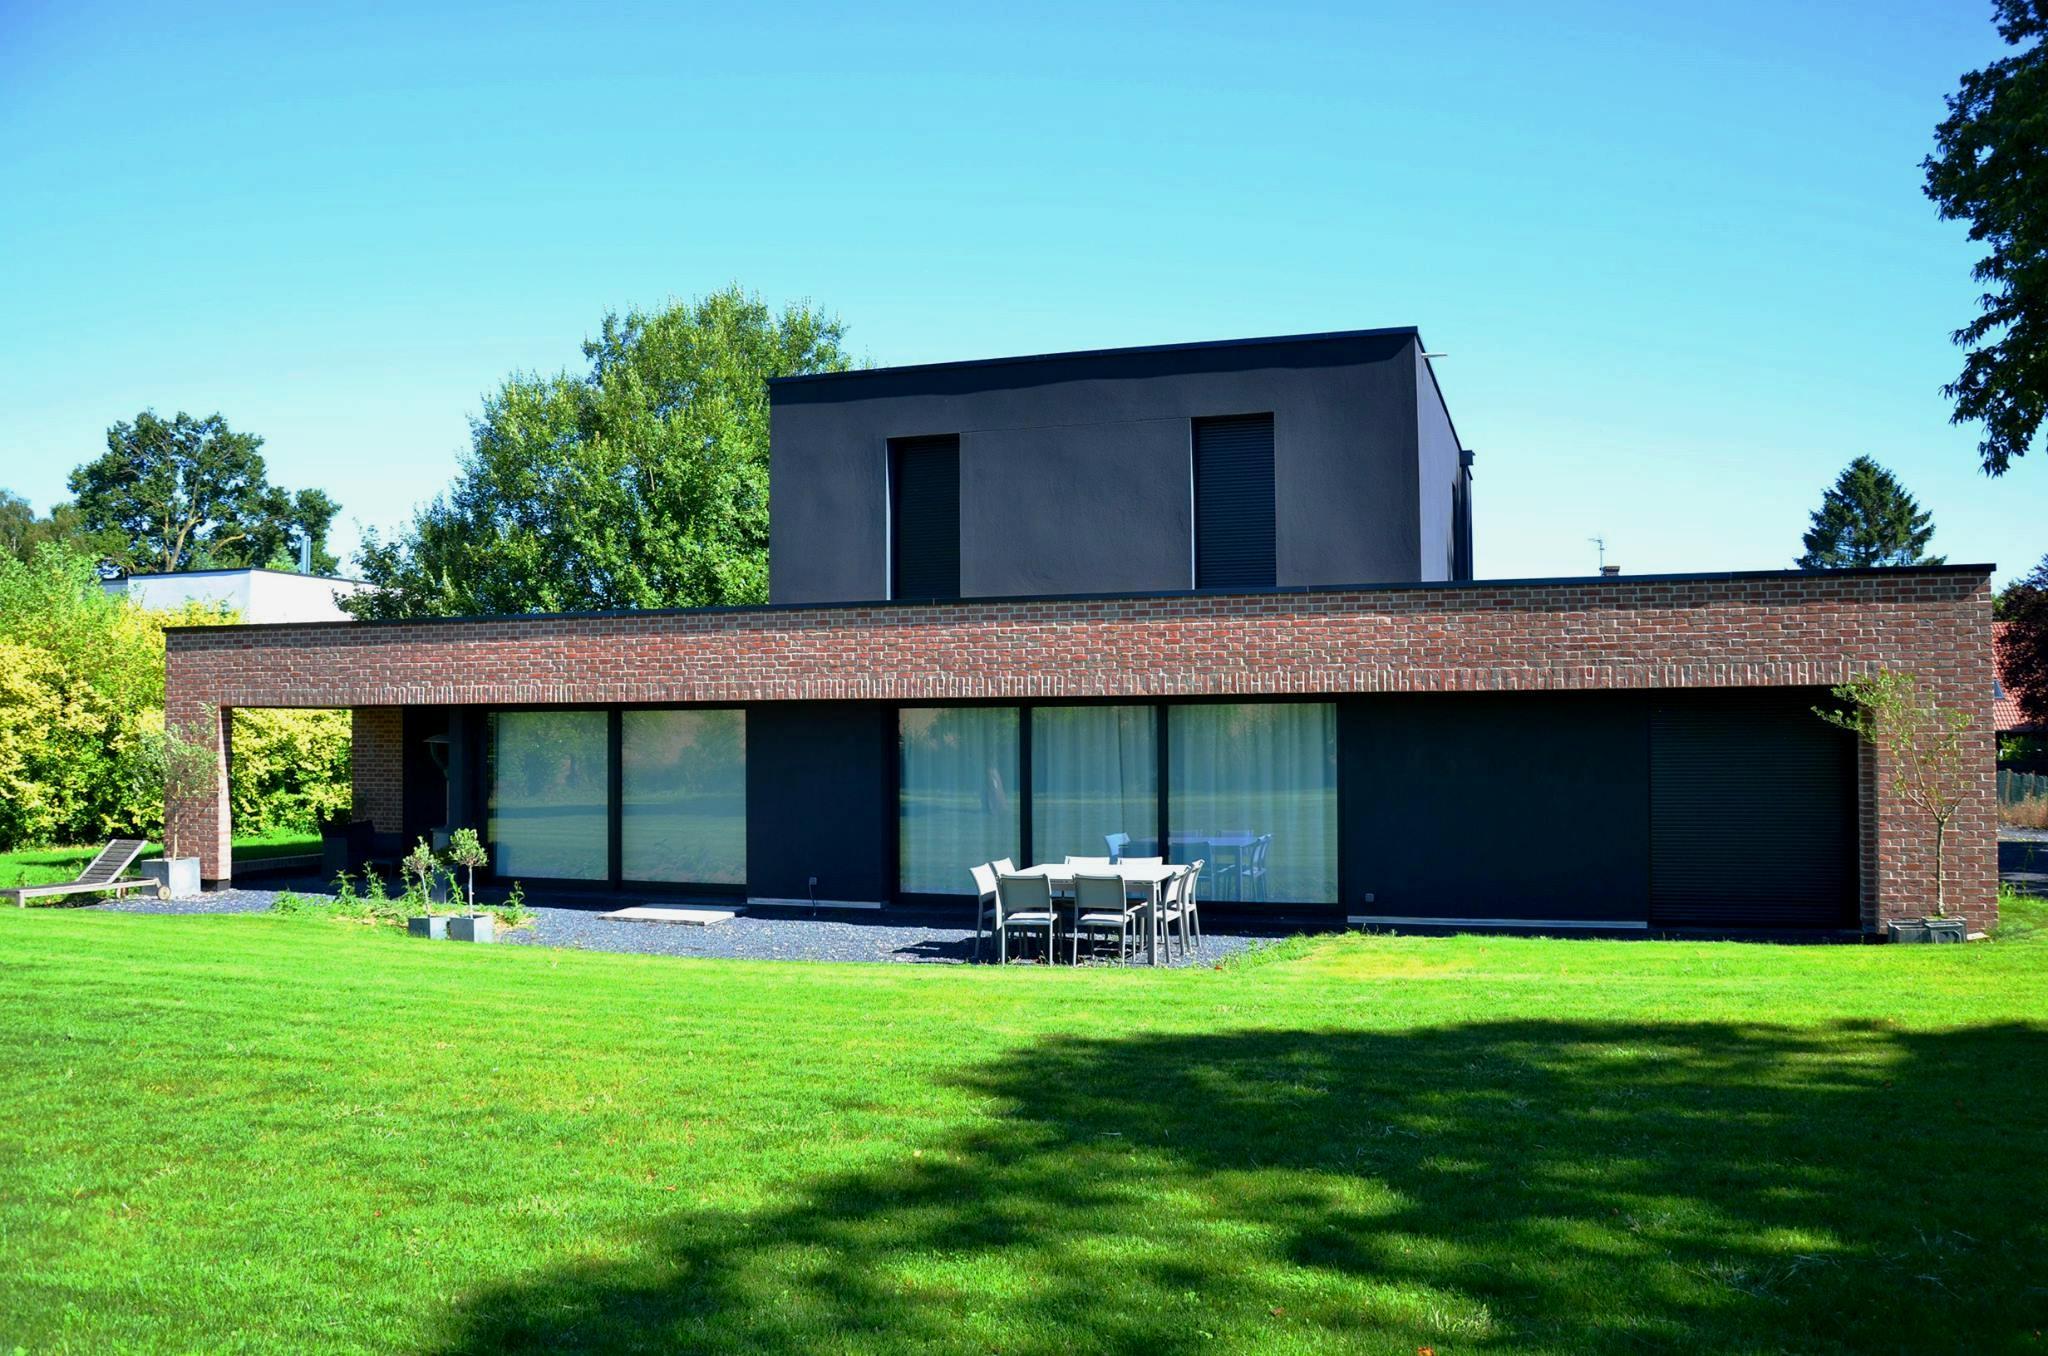 les villas g om triques se d clinent aussi en briques salon immo m tropole l 39 v nement. Black Bedroom Furniture Sets. Home Design Ideas